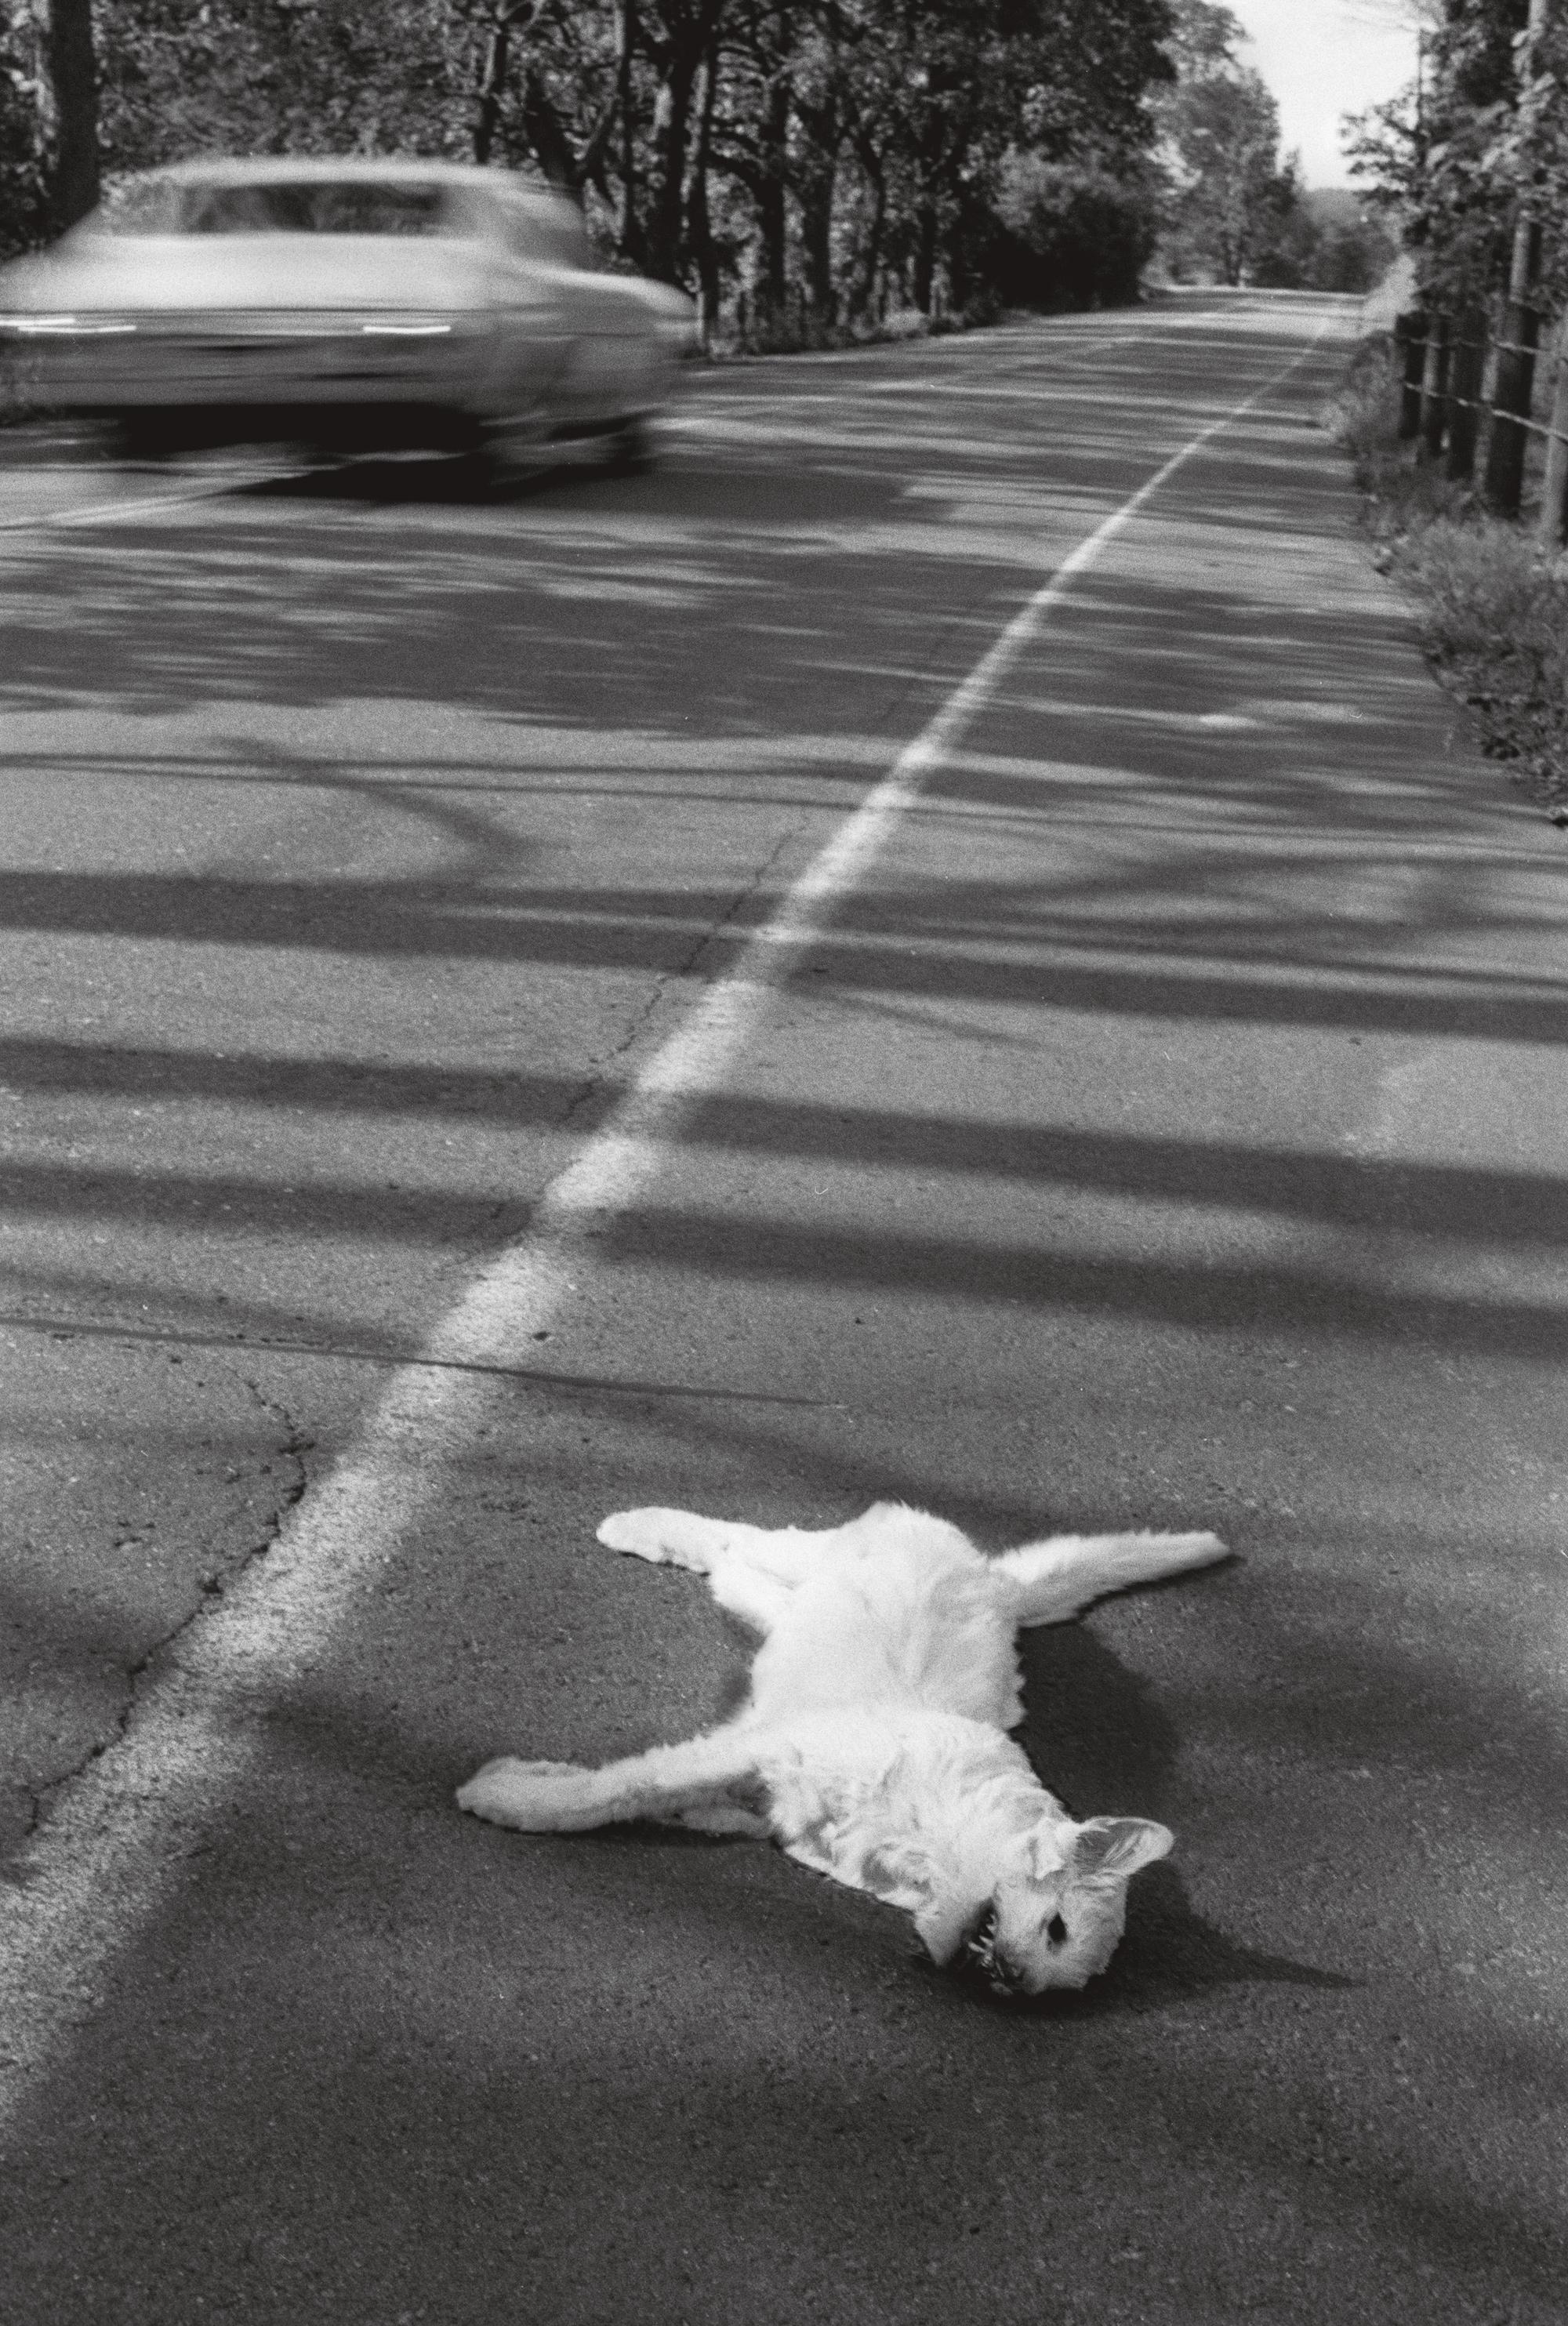 Фотографии, найденные в кошмарном архиве Роджера Баллена